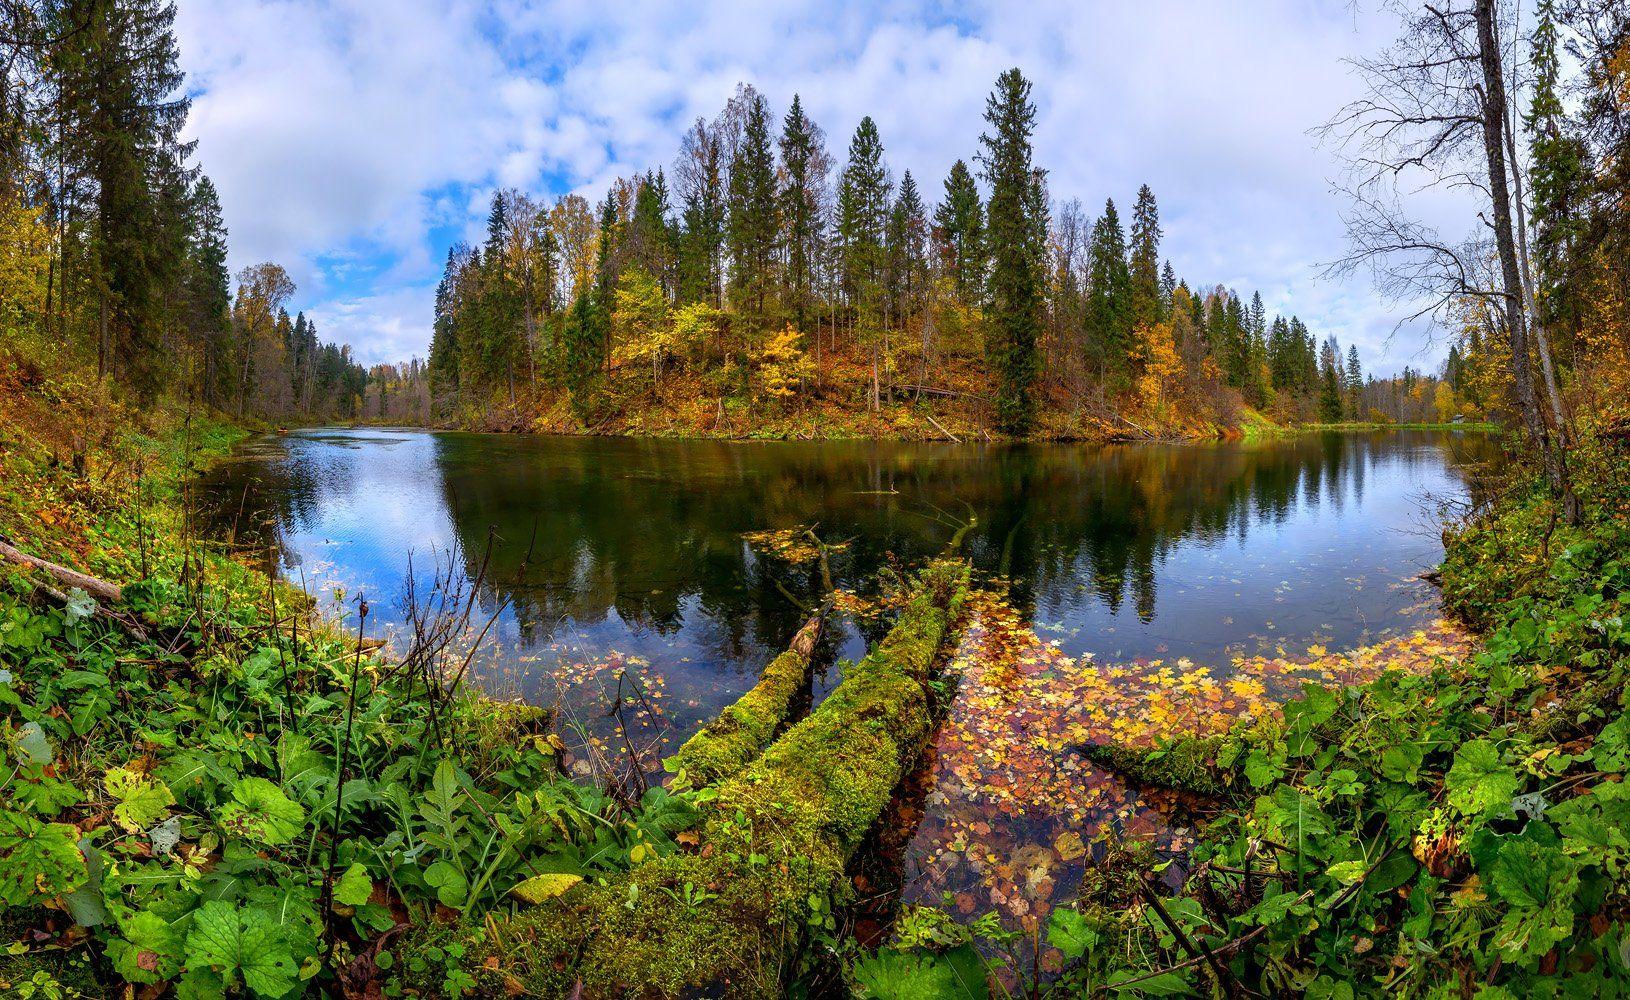 осень, берег, озеро, лес, листья, лопухи, природный заказник, ленинградская область., Лашков Фёдор